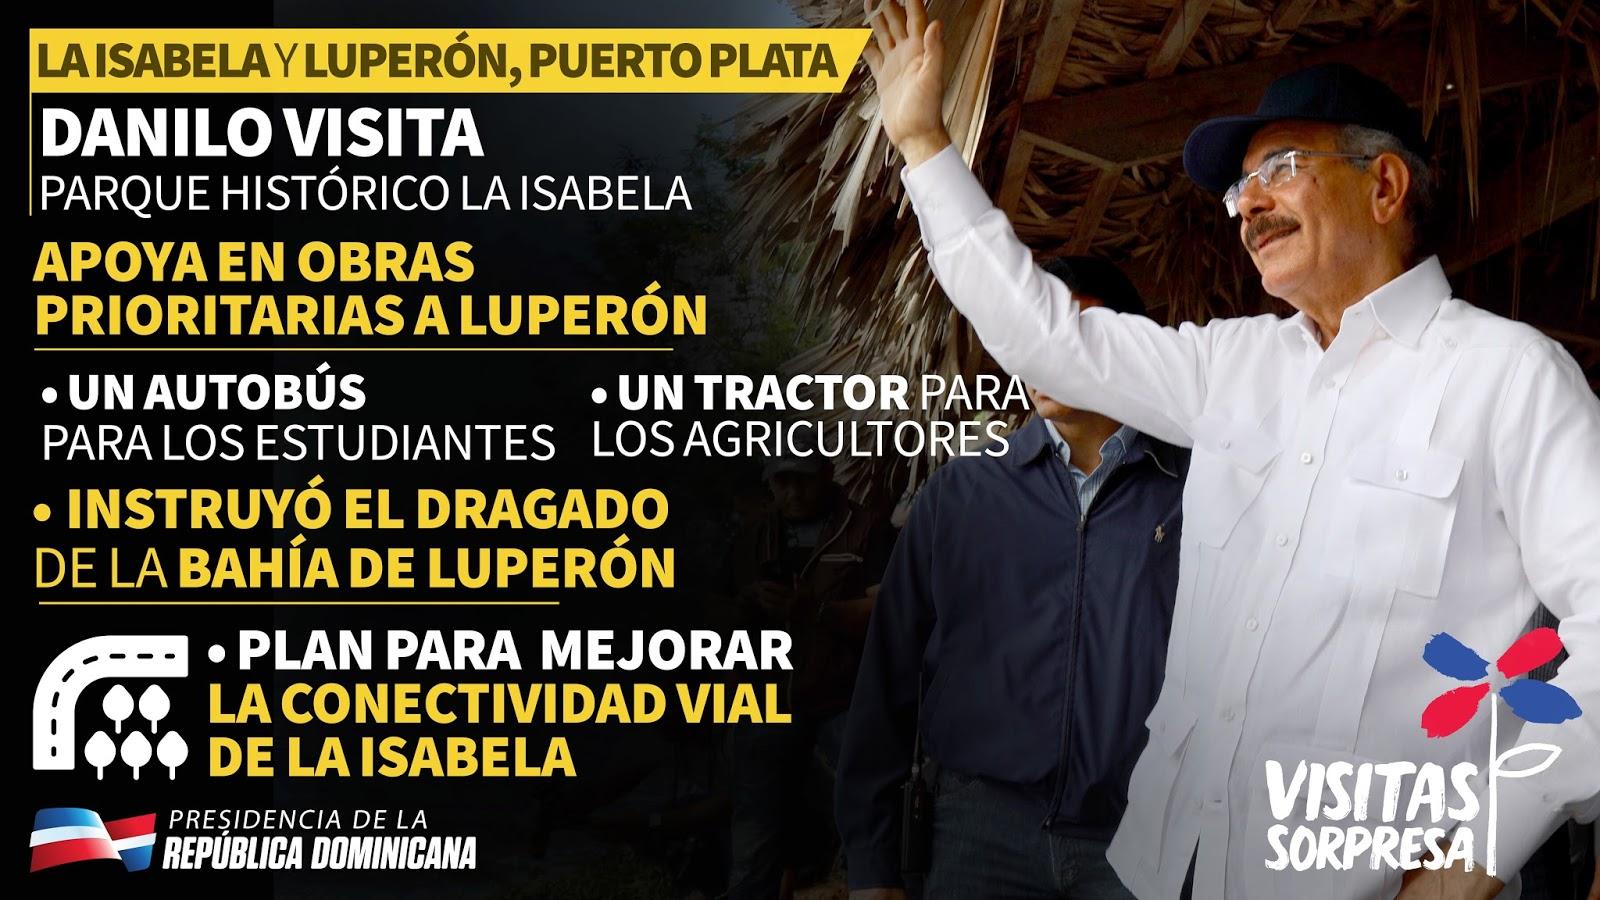 Danilo visita Parque Histórico La Isabela y Luperón, Puerto Plata